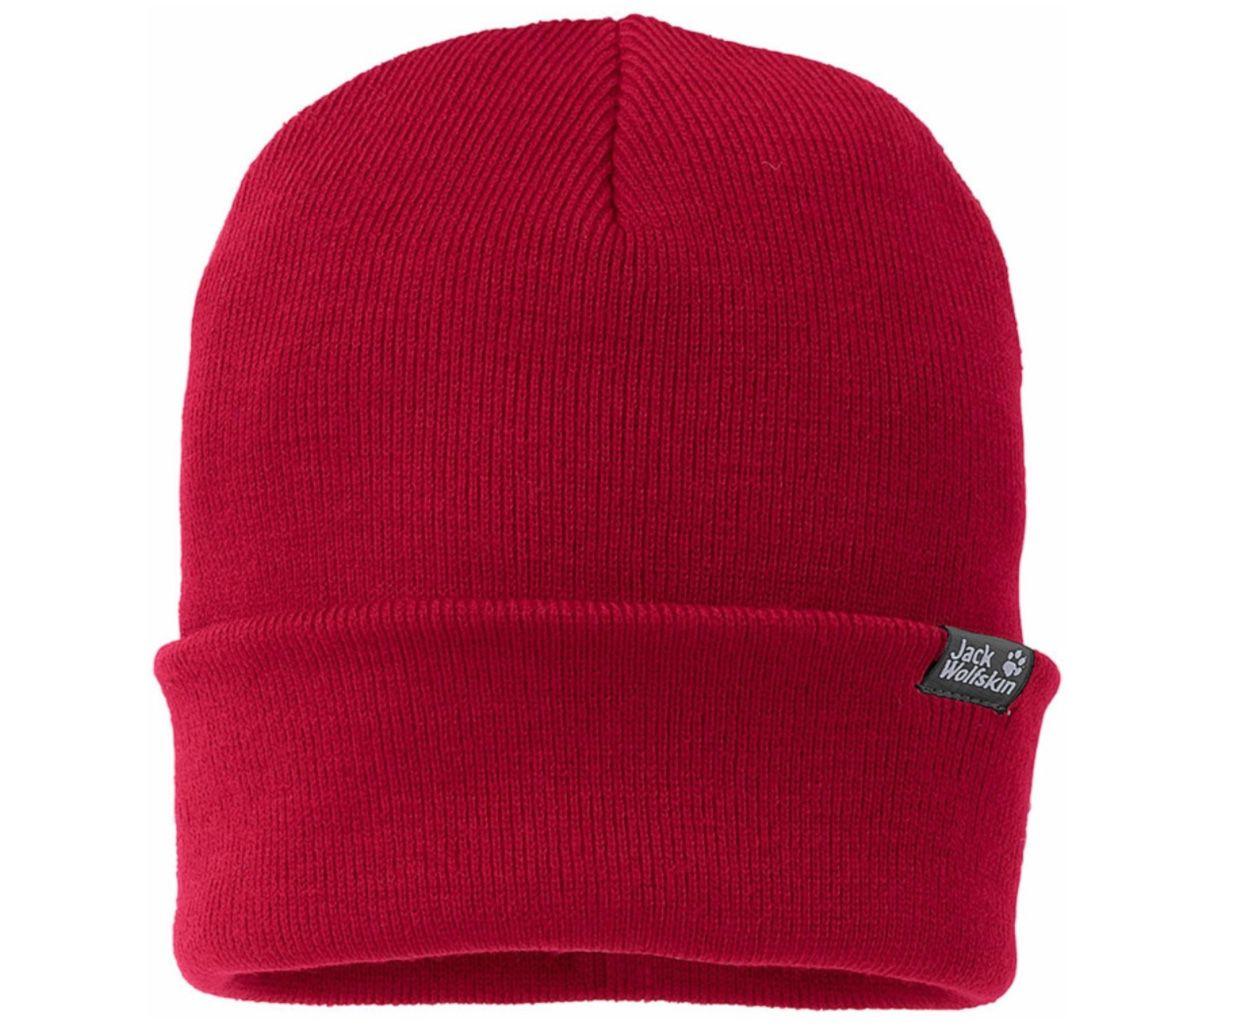 Jack Wolfskin Rib Hat Feinstrickmütze in Rot für 12,90€ (statt 16€)